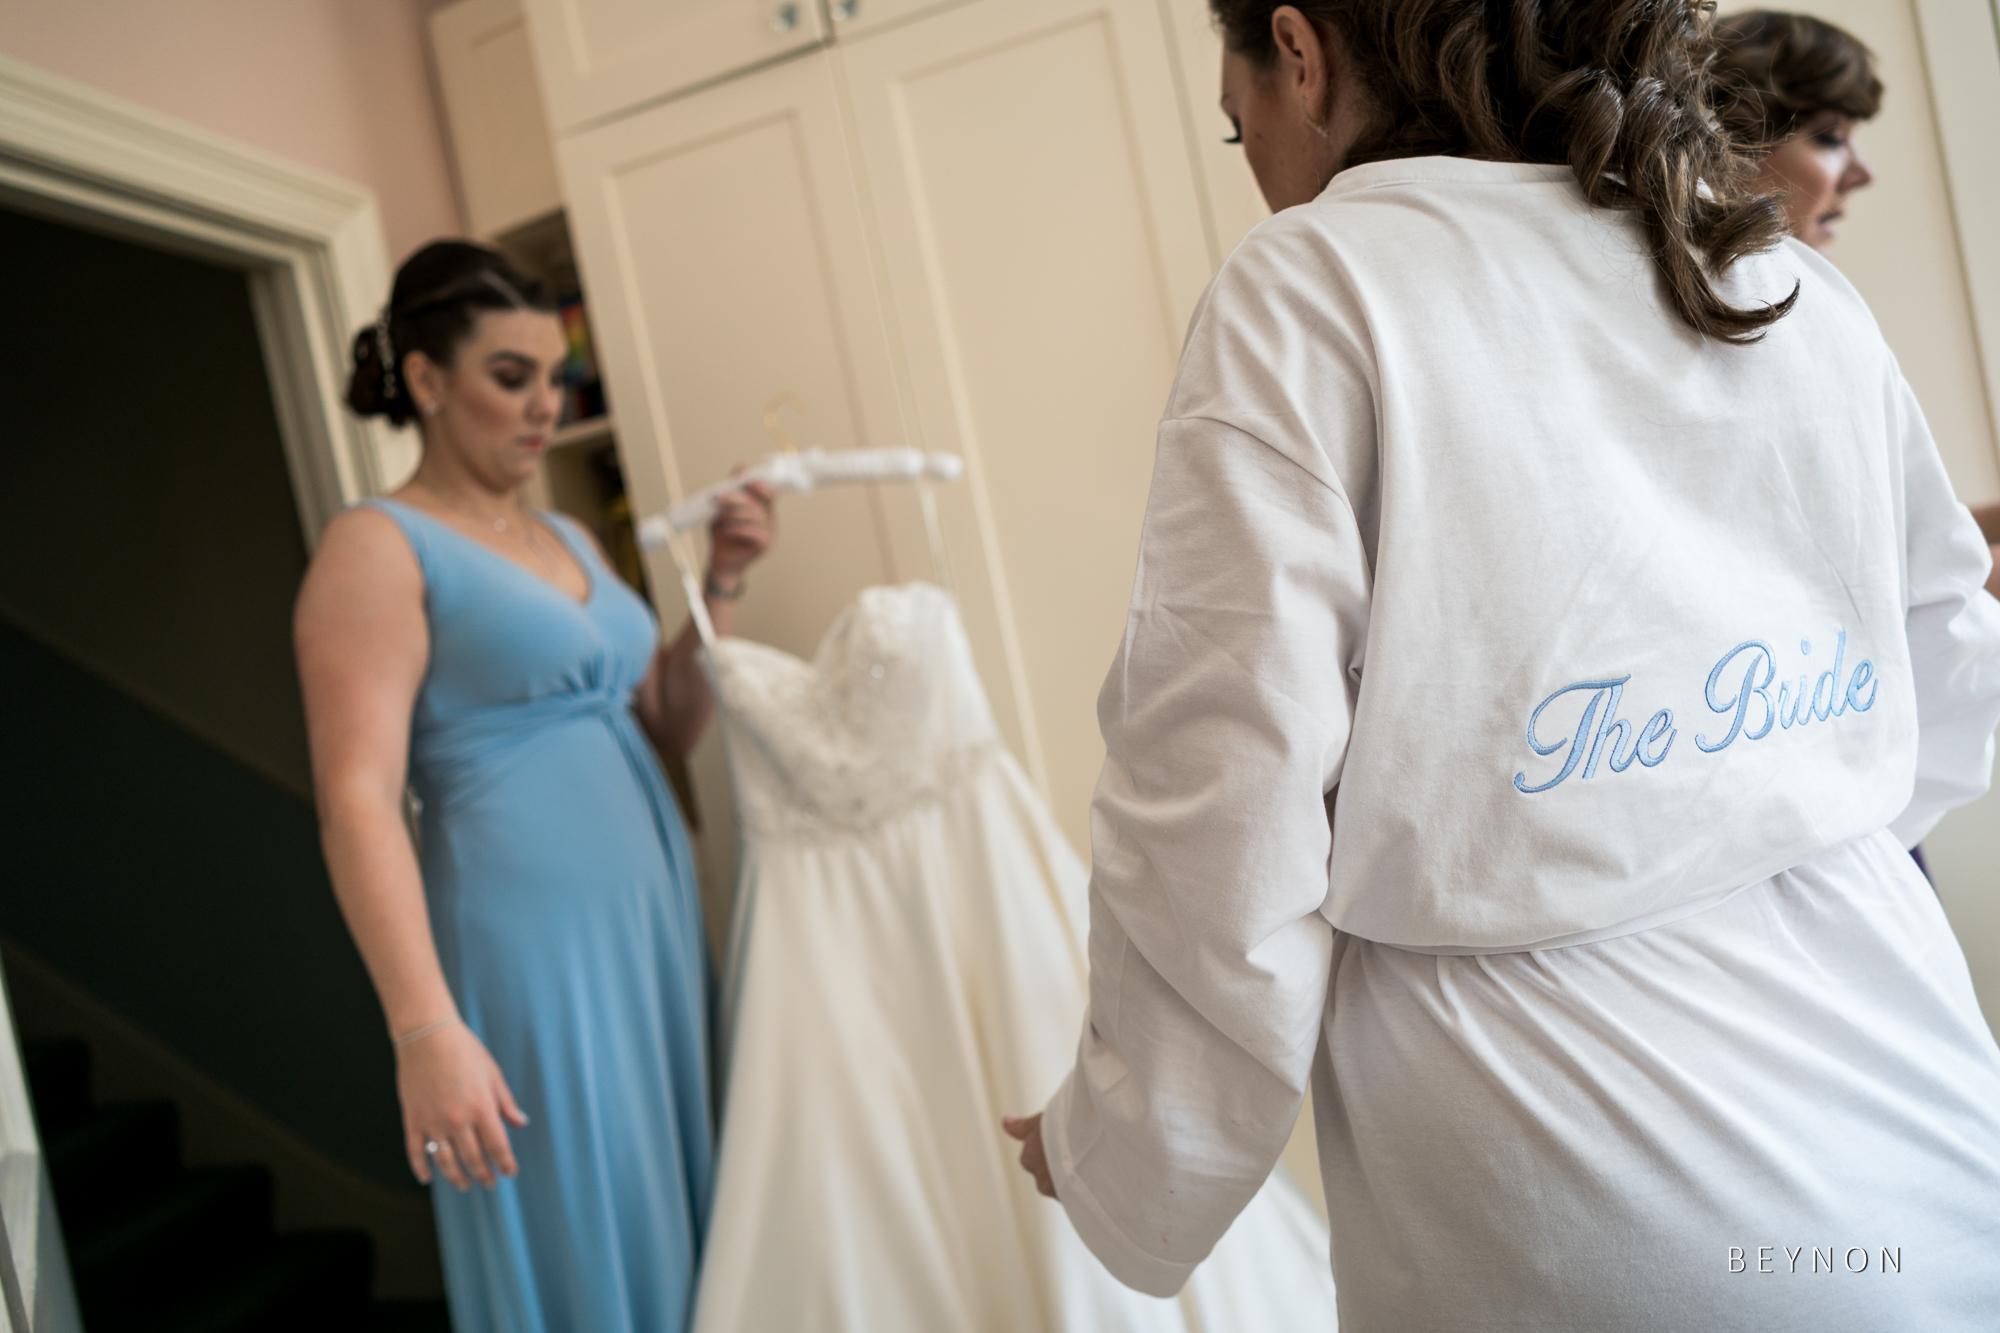 Bridesmaid helps bride